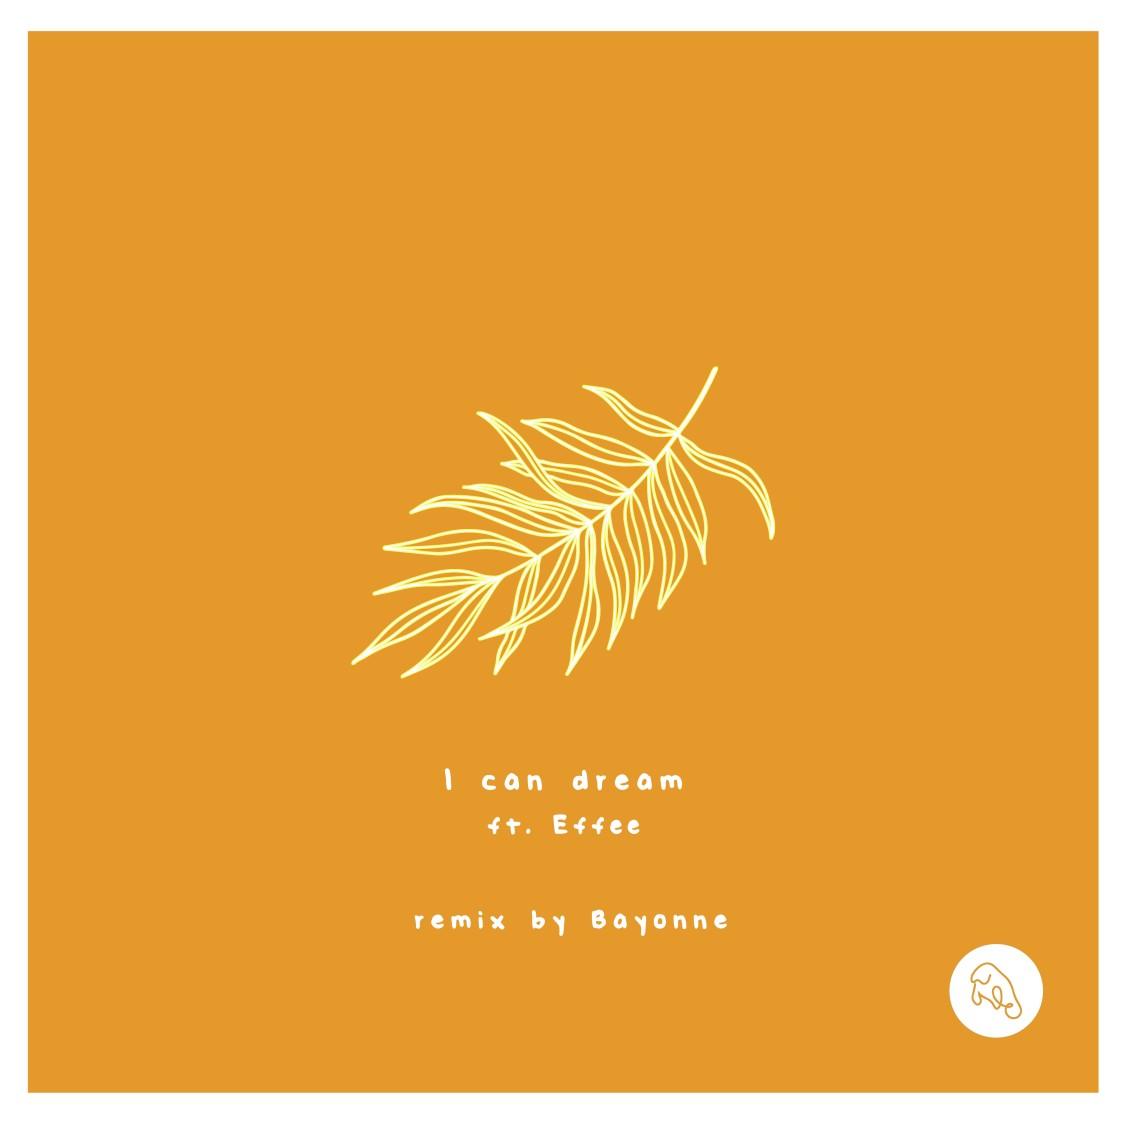 ICanDreamBayonneremix-Tangerine